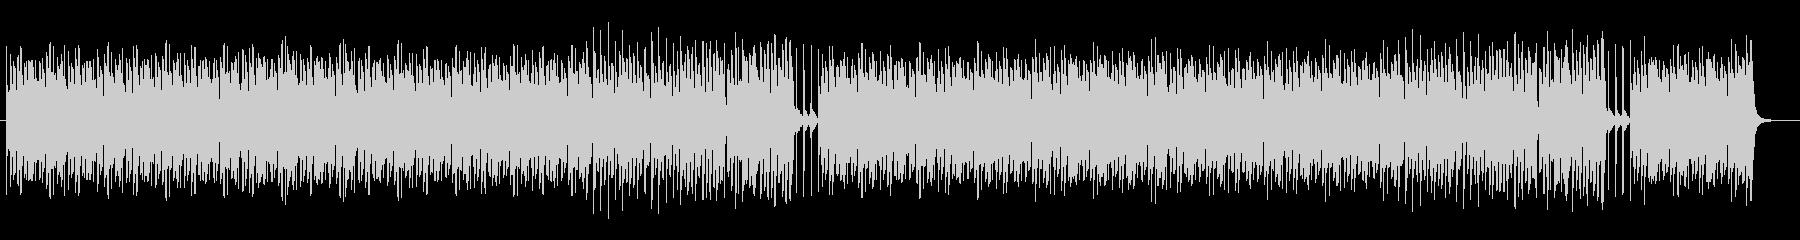 ポップでリズミカルなピアノBGMサウンドの未再生の波形